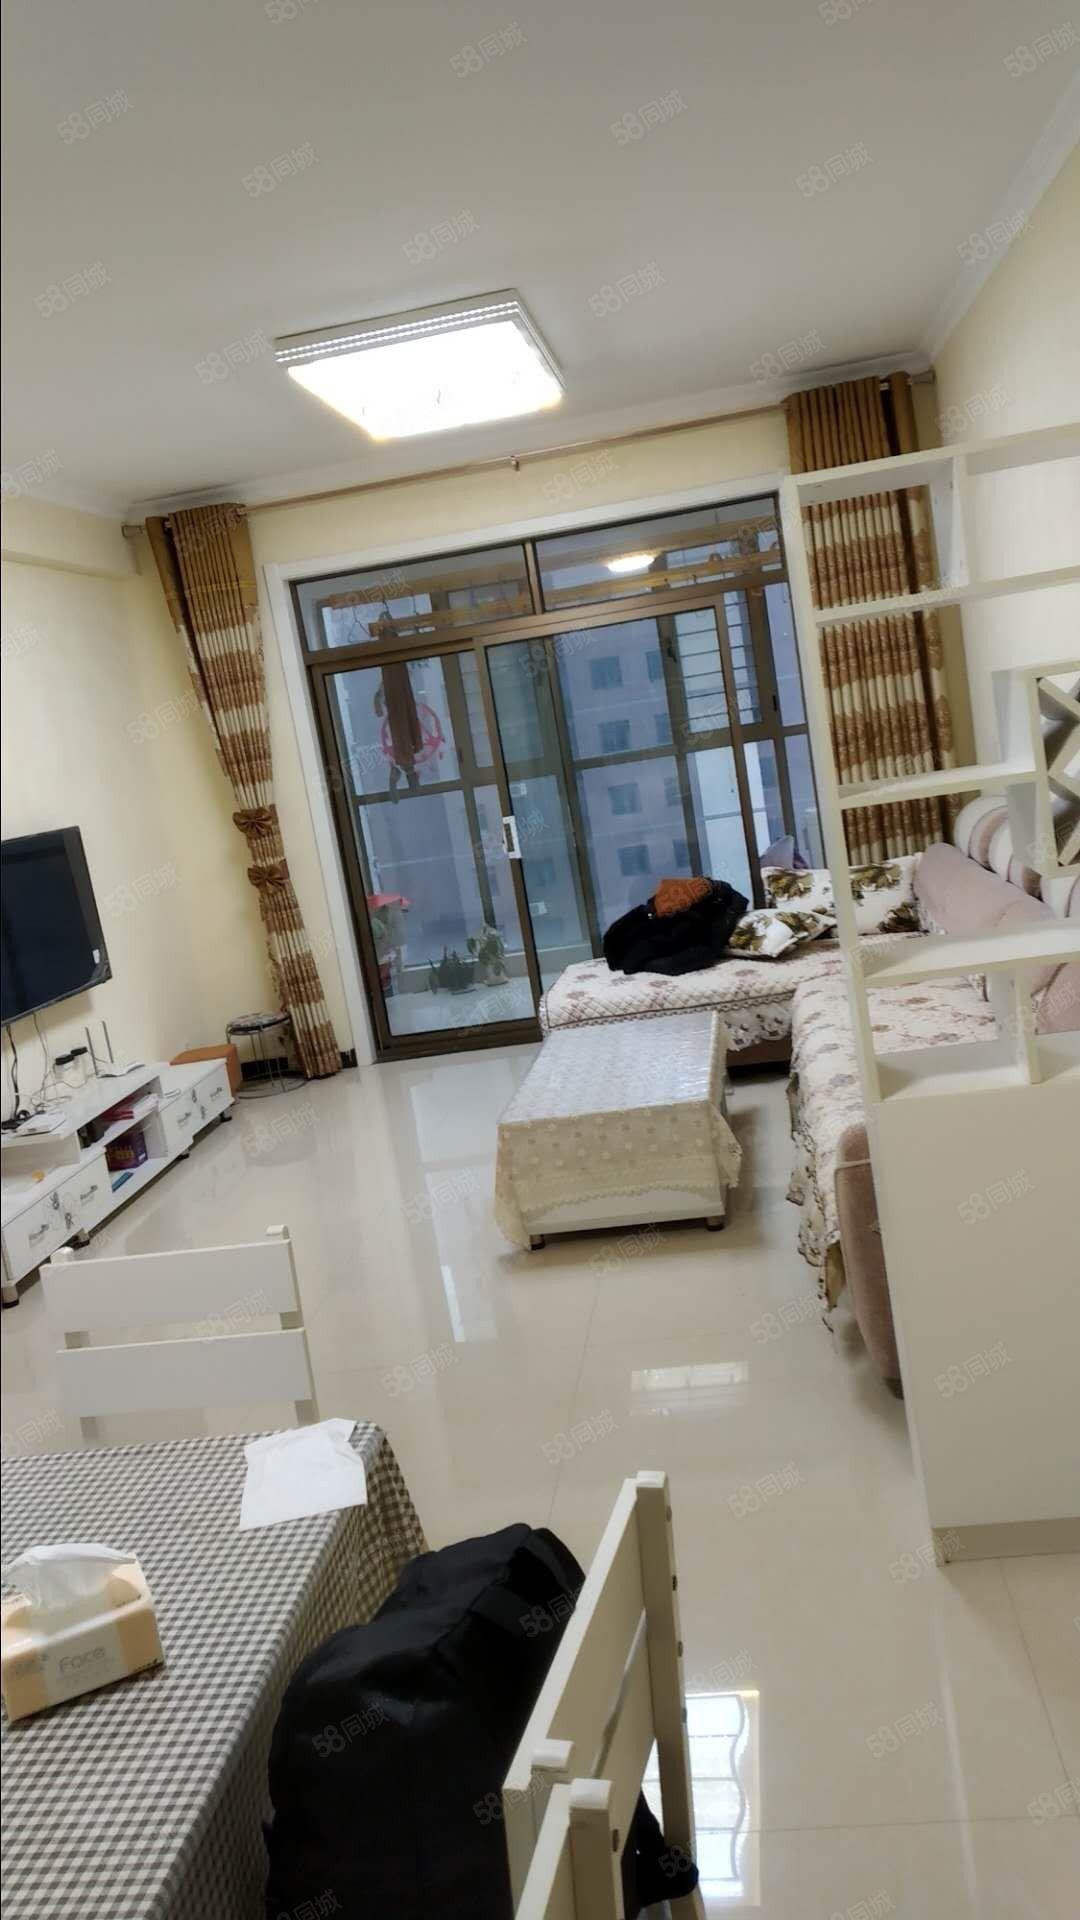 儿童医院旁景园盛世华都大三房出租家具?#19994;?#20840;新拎包入住